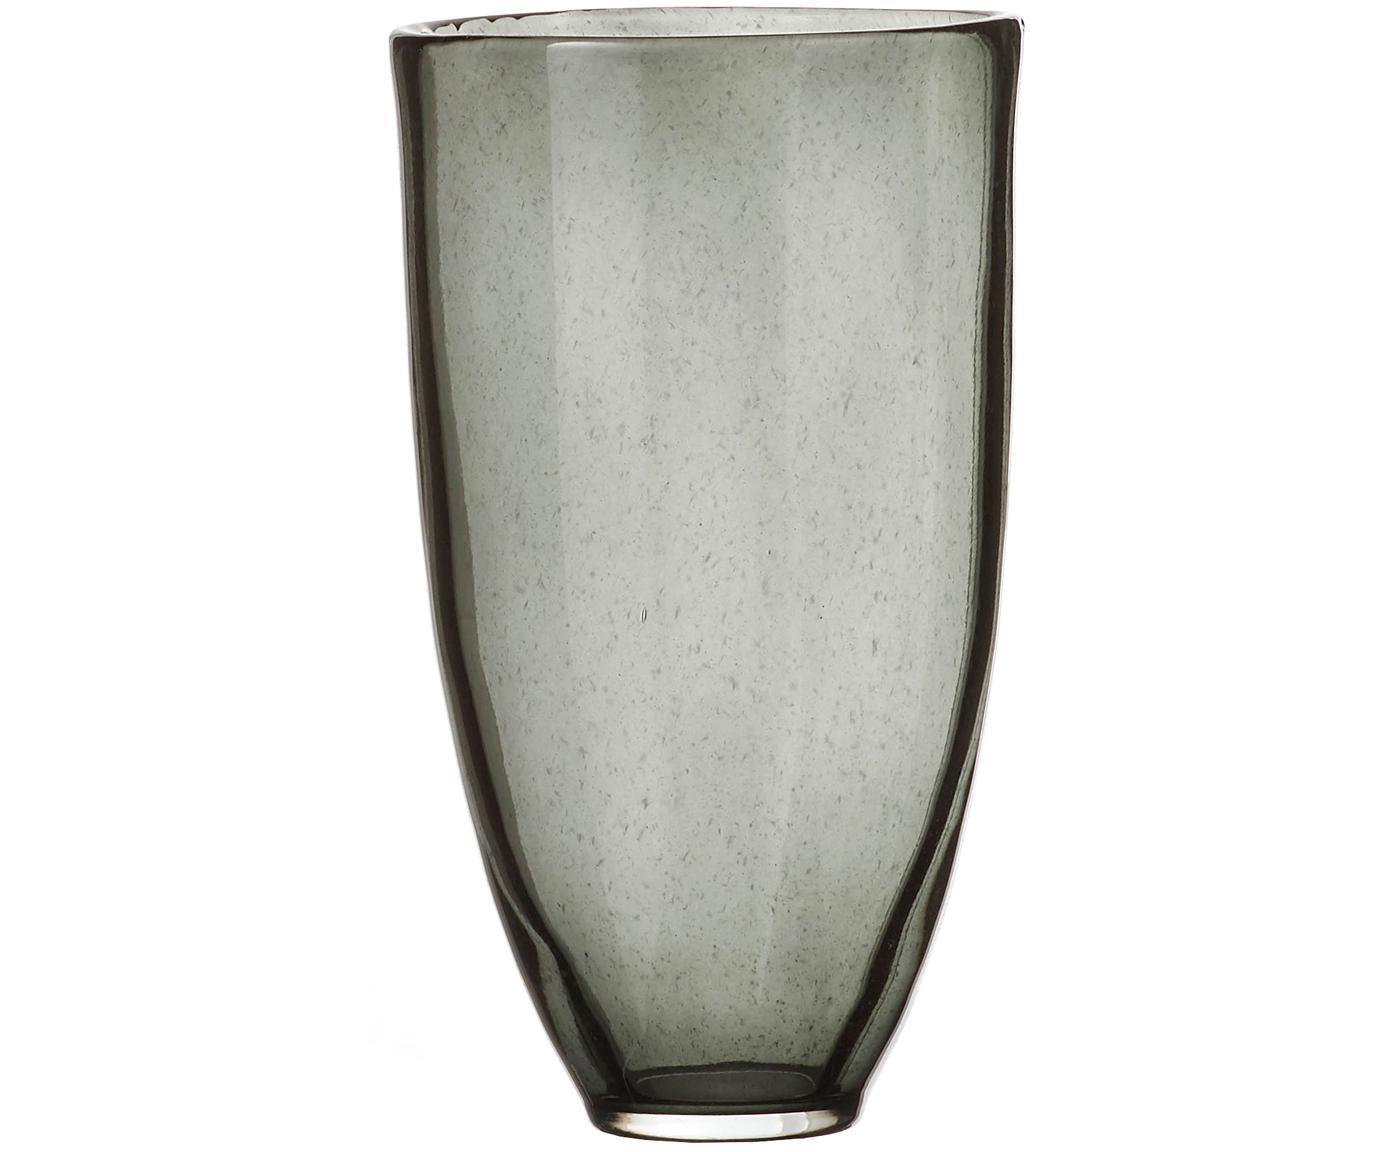 Duży wazon ze szkła Jinx, Szkło, Czarny, transparentny, Ø 19 x W 35 cm